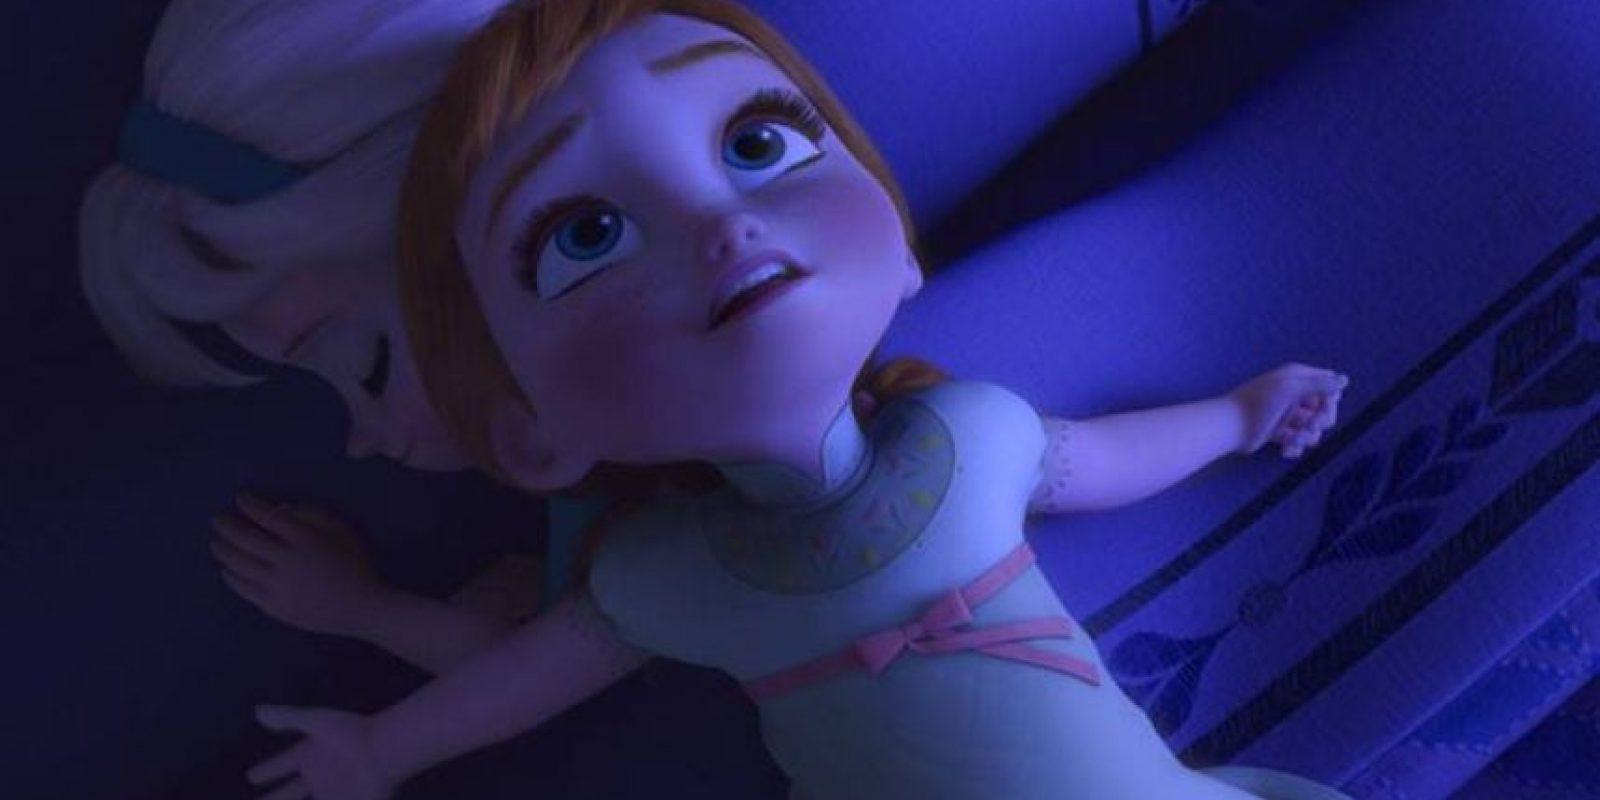 Anna usa la misma pijama cuando es niña y adulta Foto:Facebook/Frozen